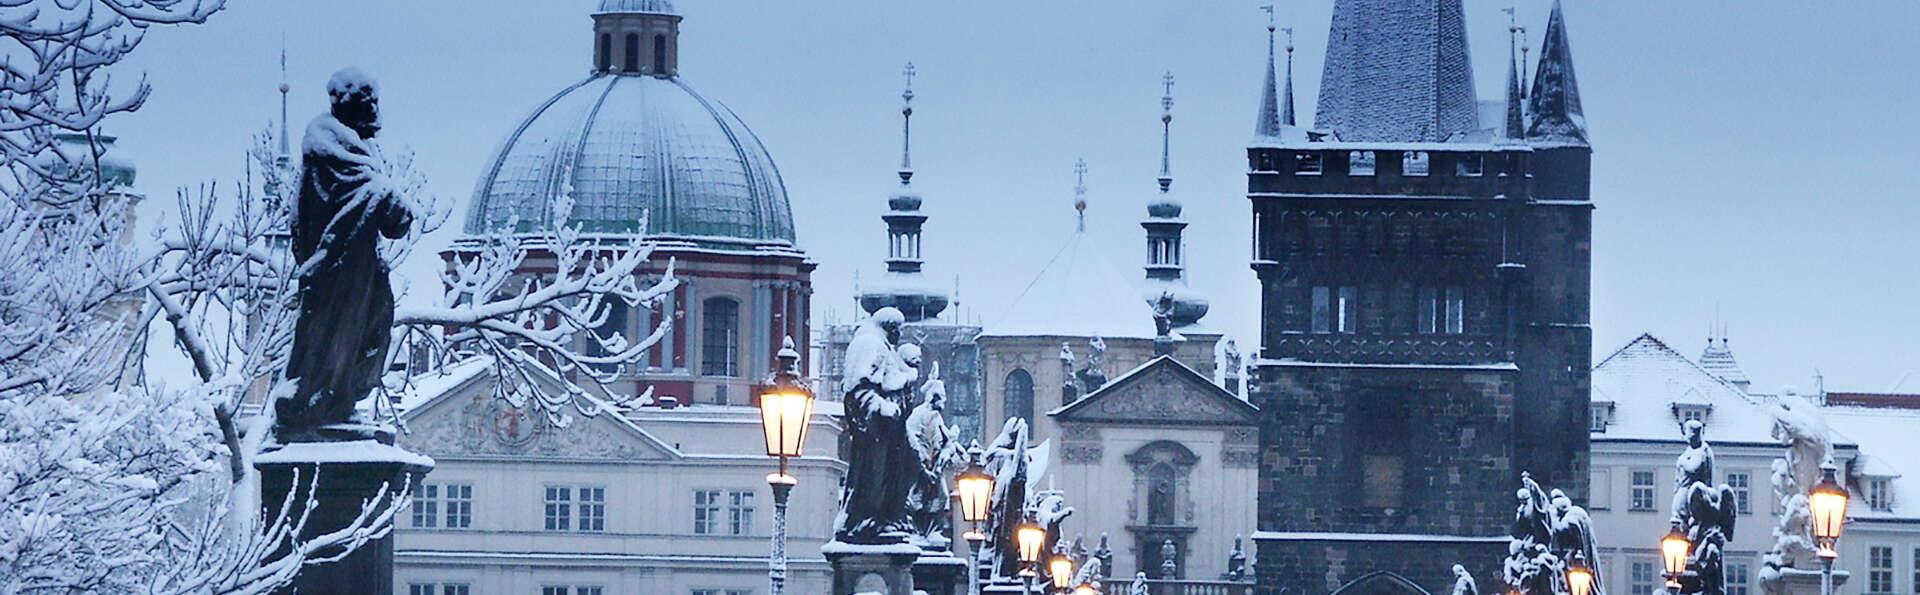 Descubre Praga, la ciudad dorada (a partir de 3 noches)